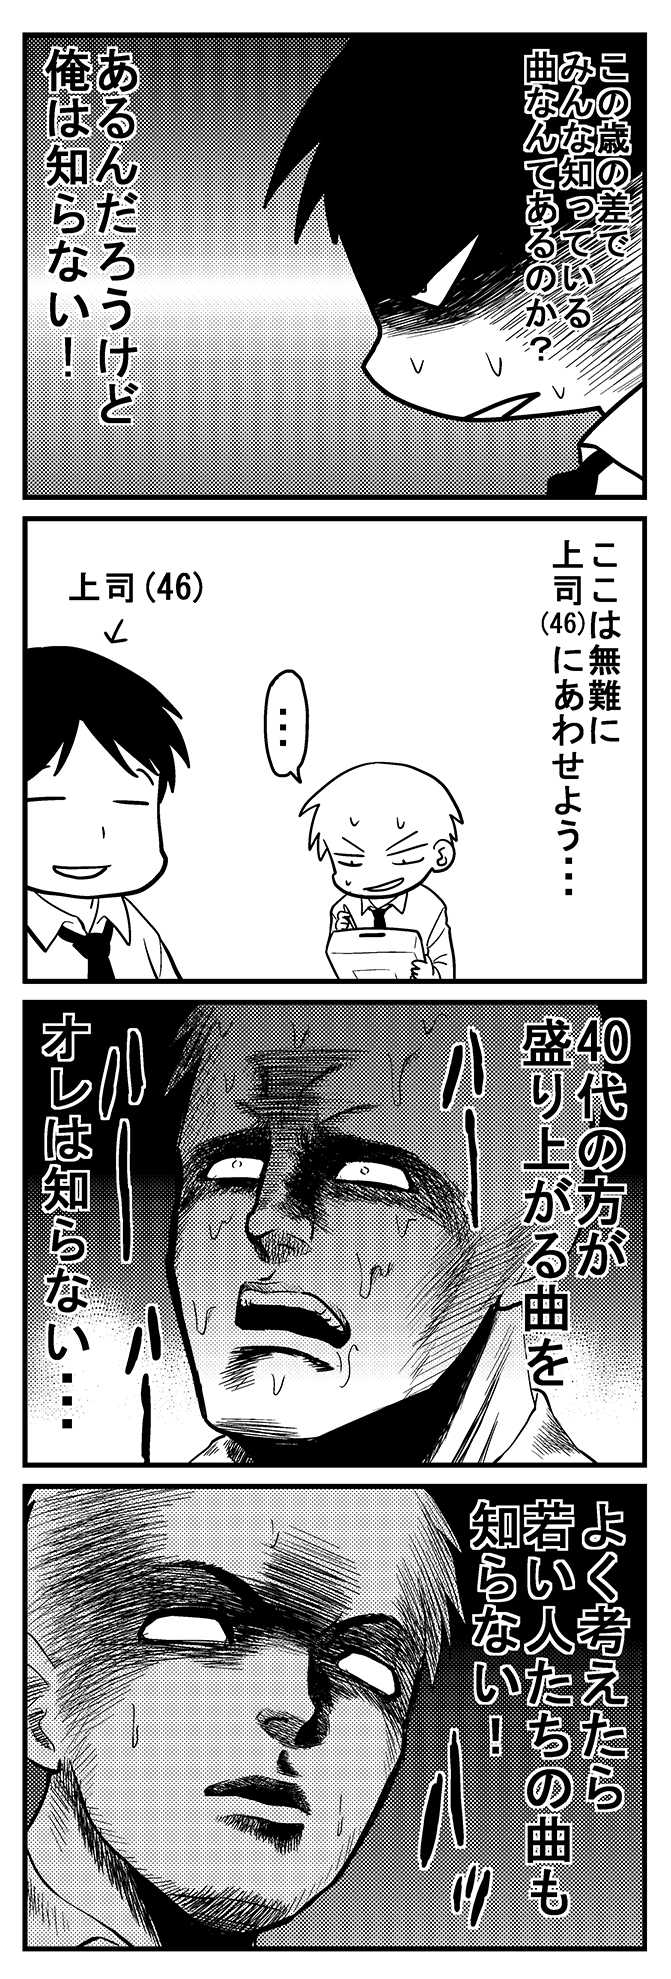 深読みくん 第10話 カラオケの悲劇!